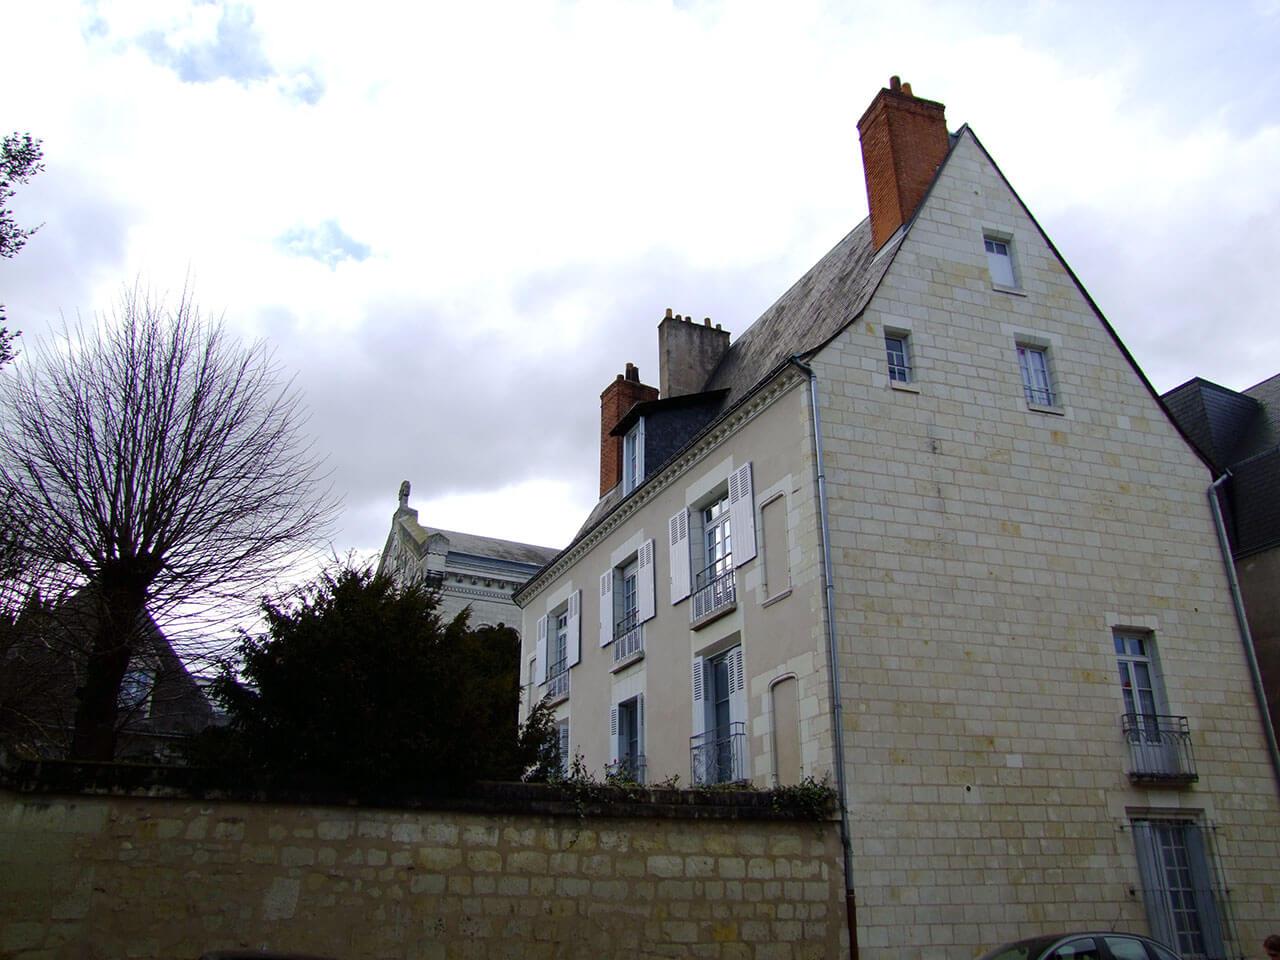 Maison d'Accueil Saint-Martin attenante à la Basilique Saint-Martin de Tours